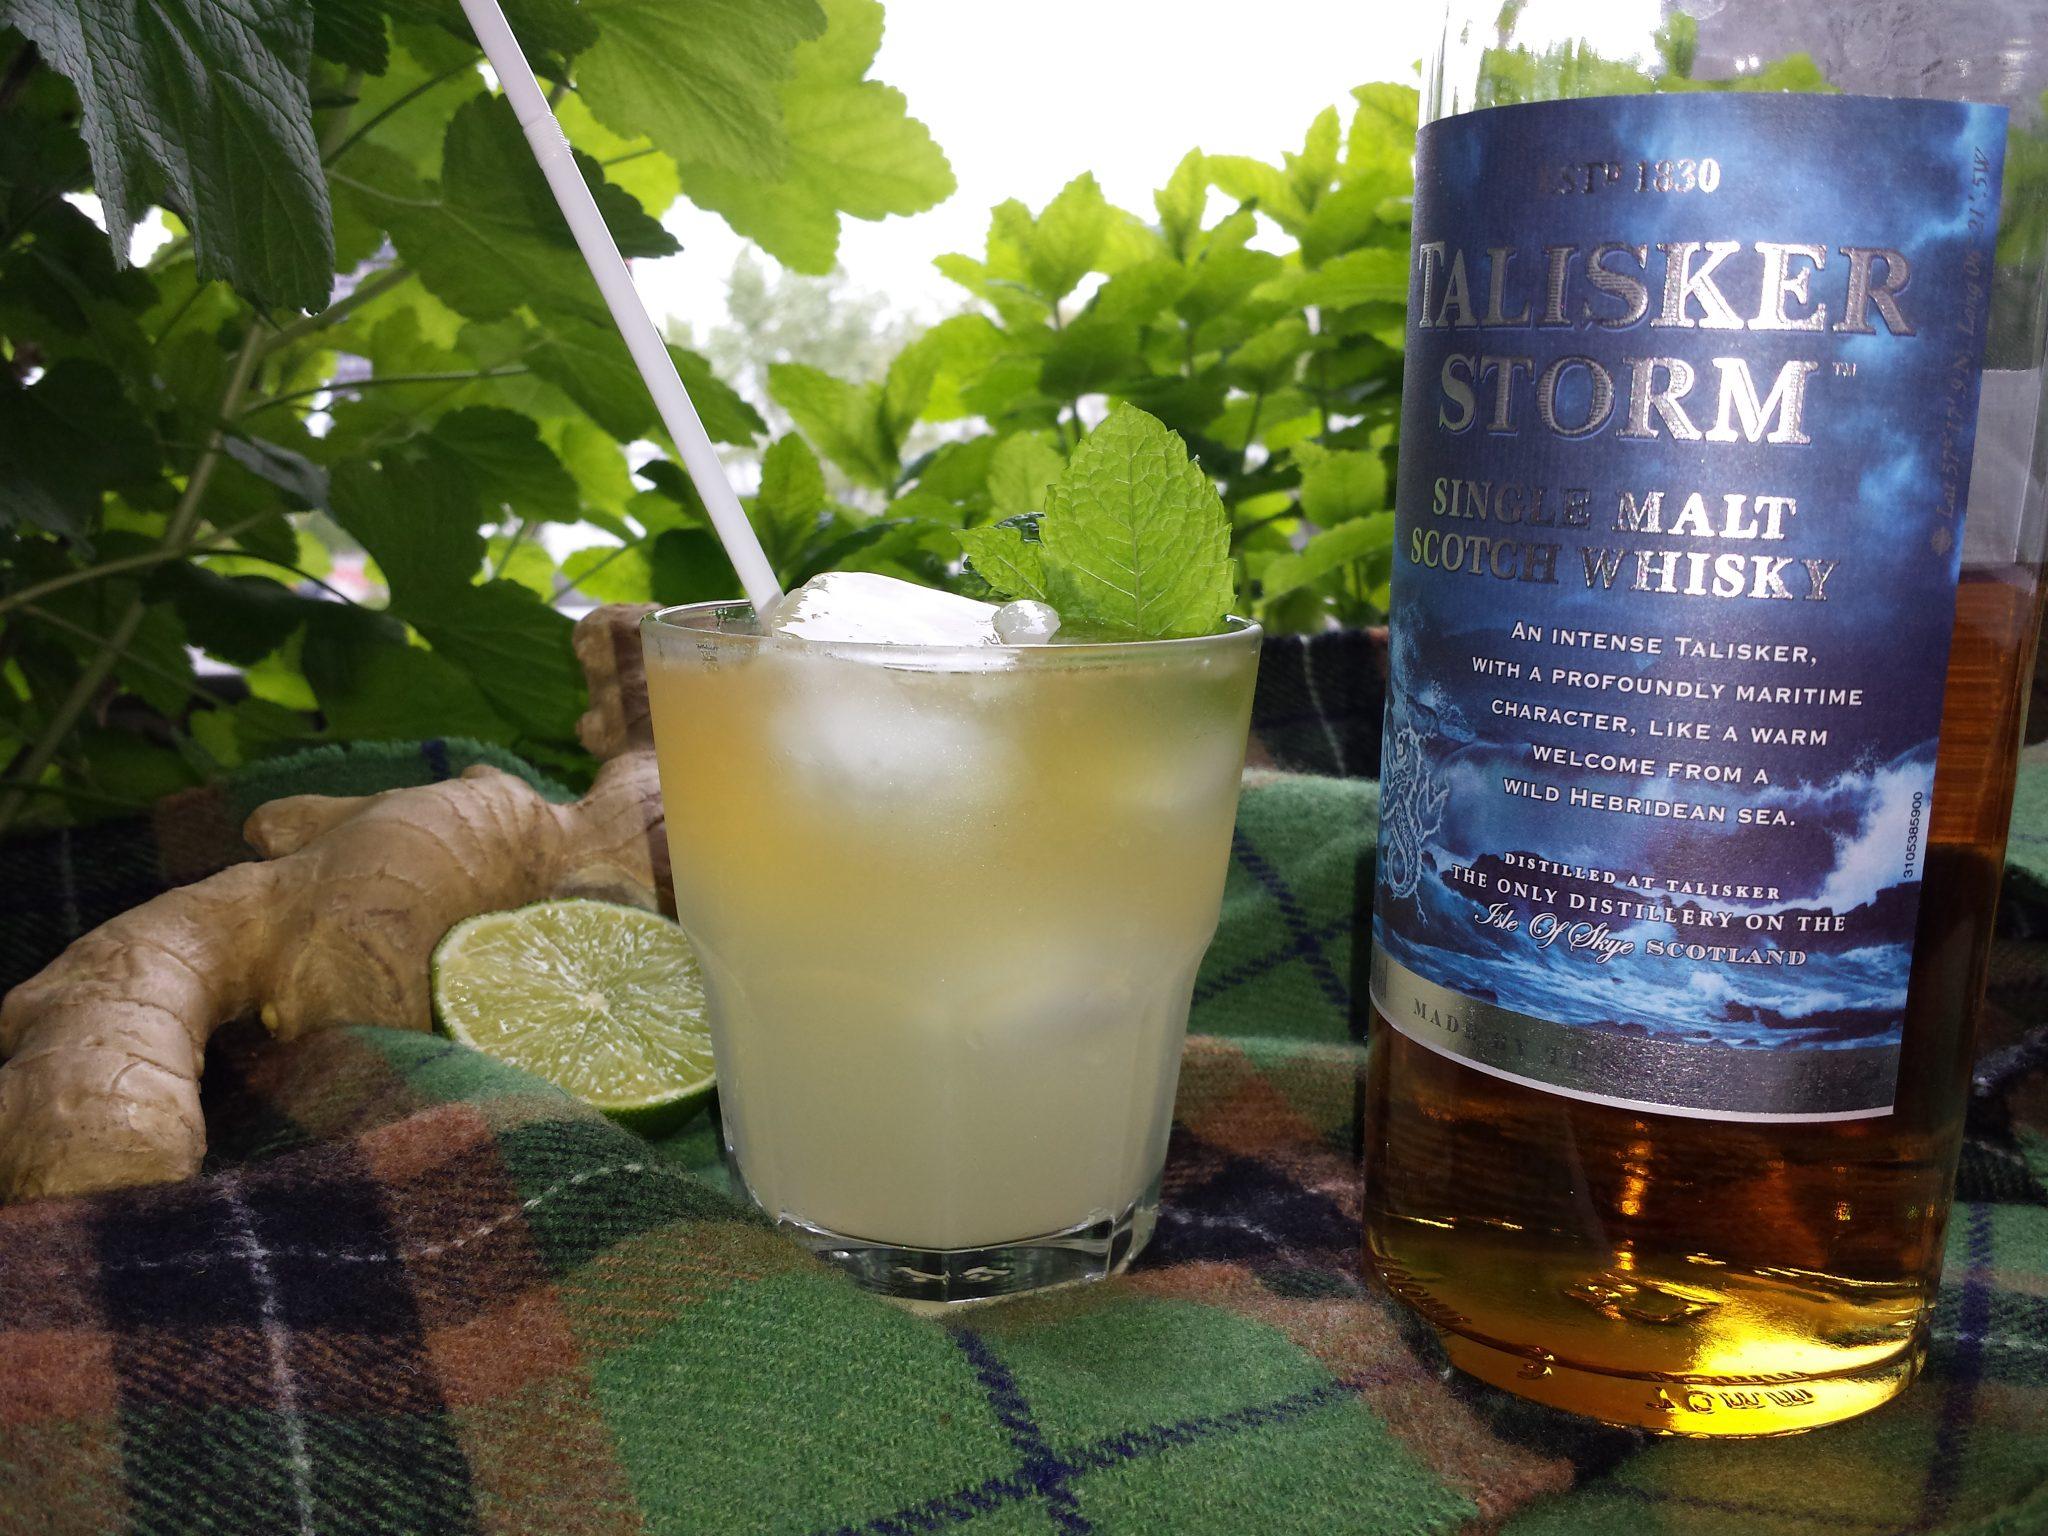 Un verre de Scottish Dark n Stormy et une bouteille de Talisker Storm